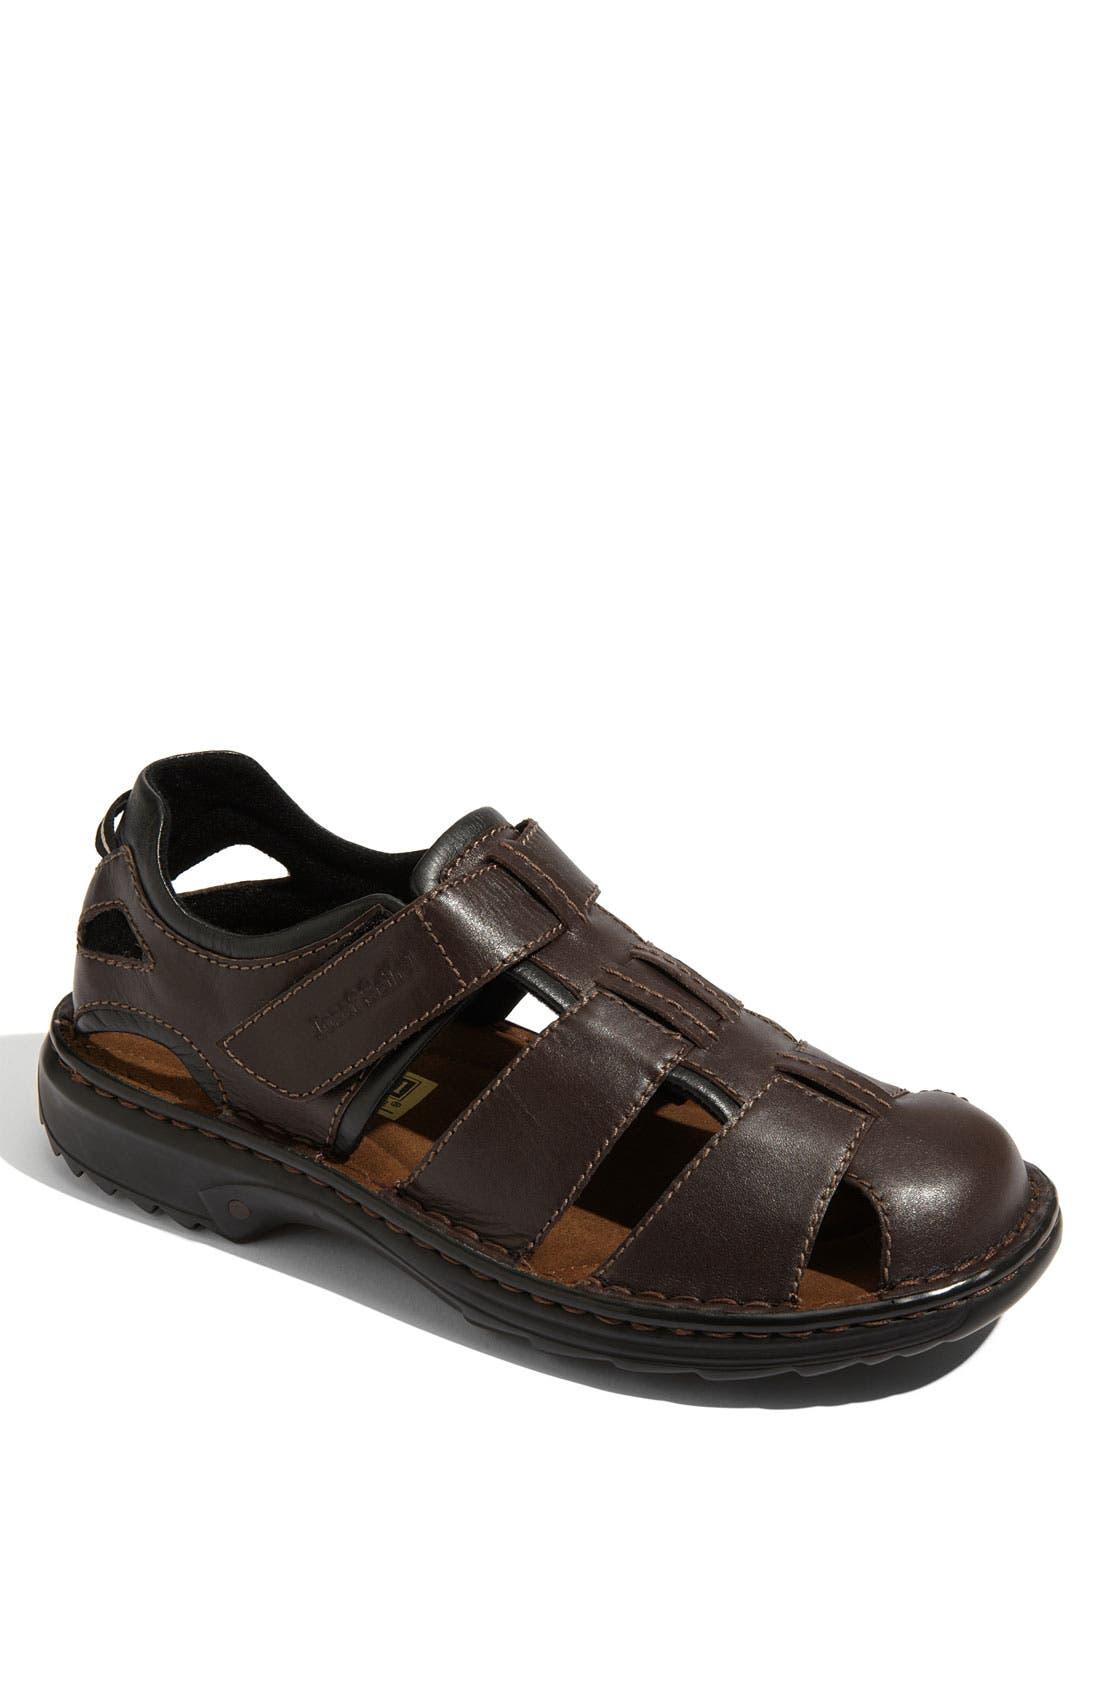 'Jeremy' Sandal